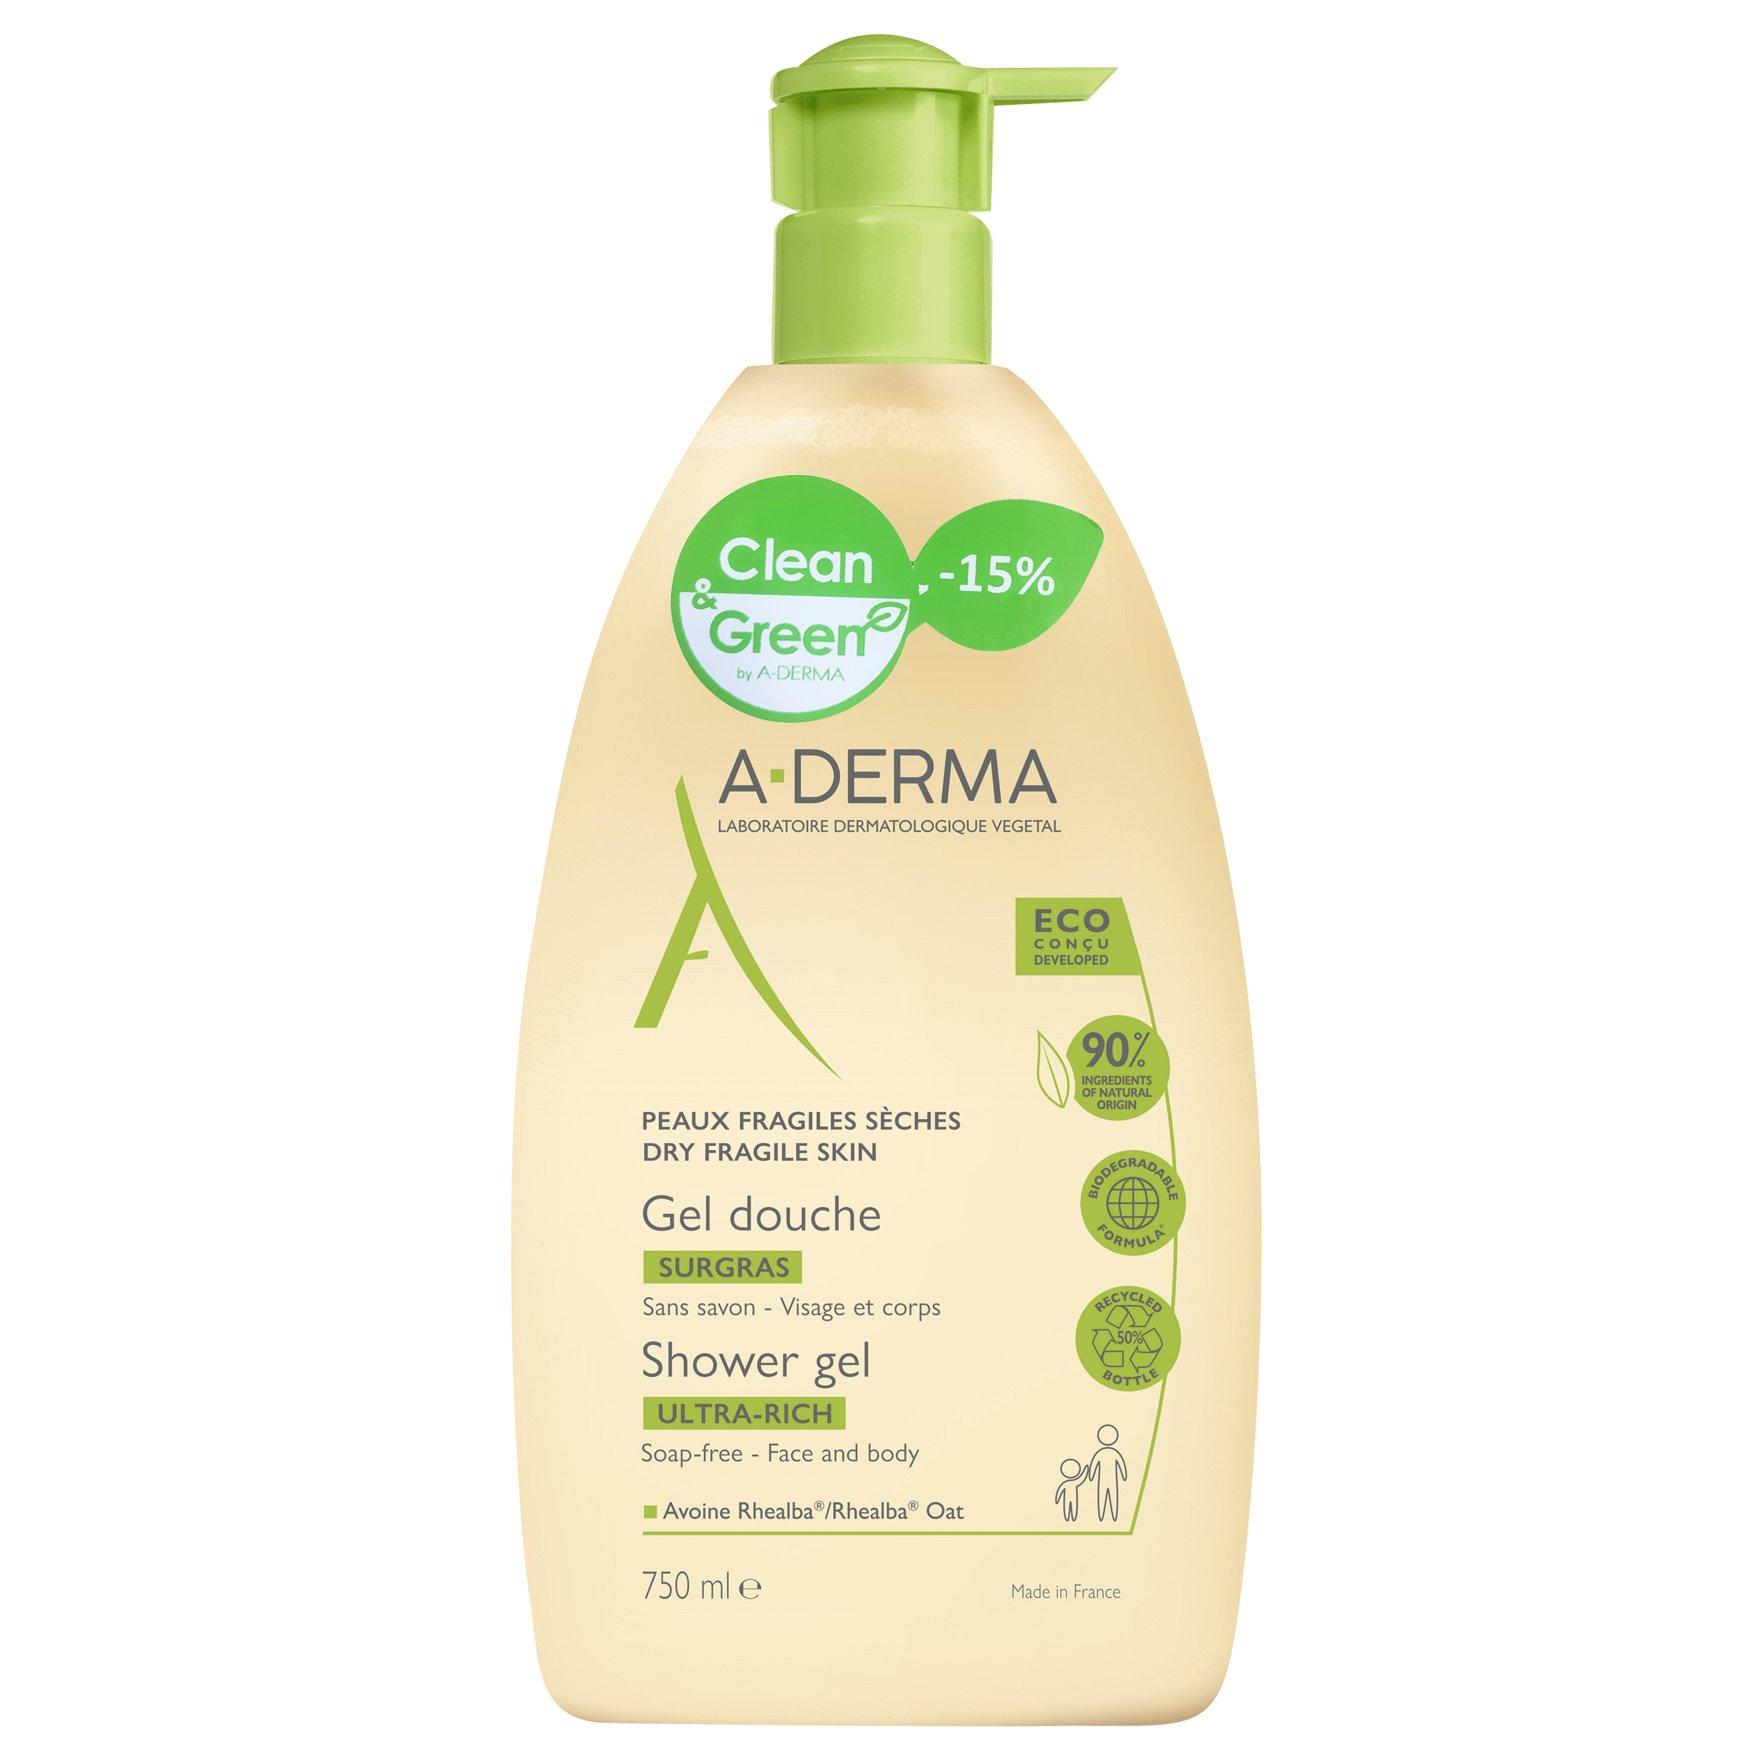 A-Derma Promo Ultra Rich Shower Gel Πλούσιο Gel Καθαρισμού Προσώπου & Σώματος για Ξηρή & Ευαίσθητη Επιδερμίδα 750ml -15%